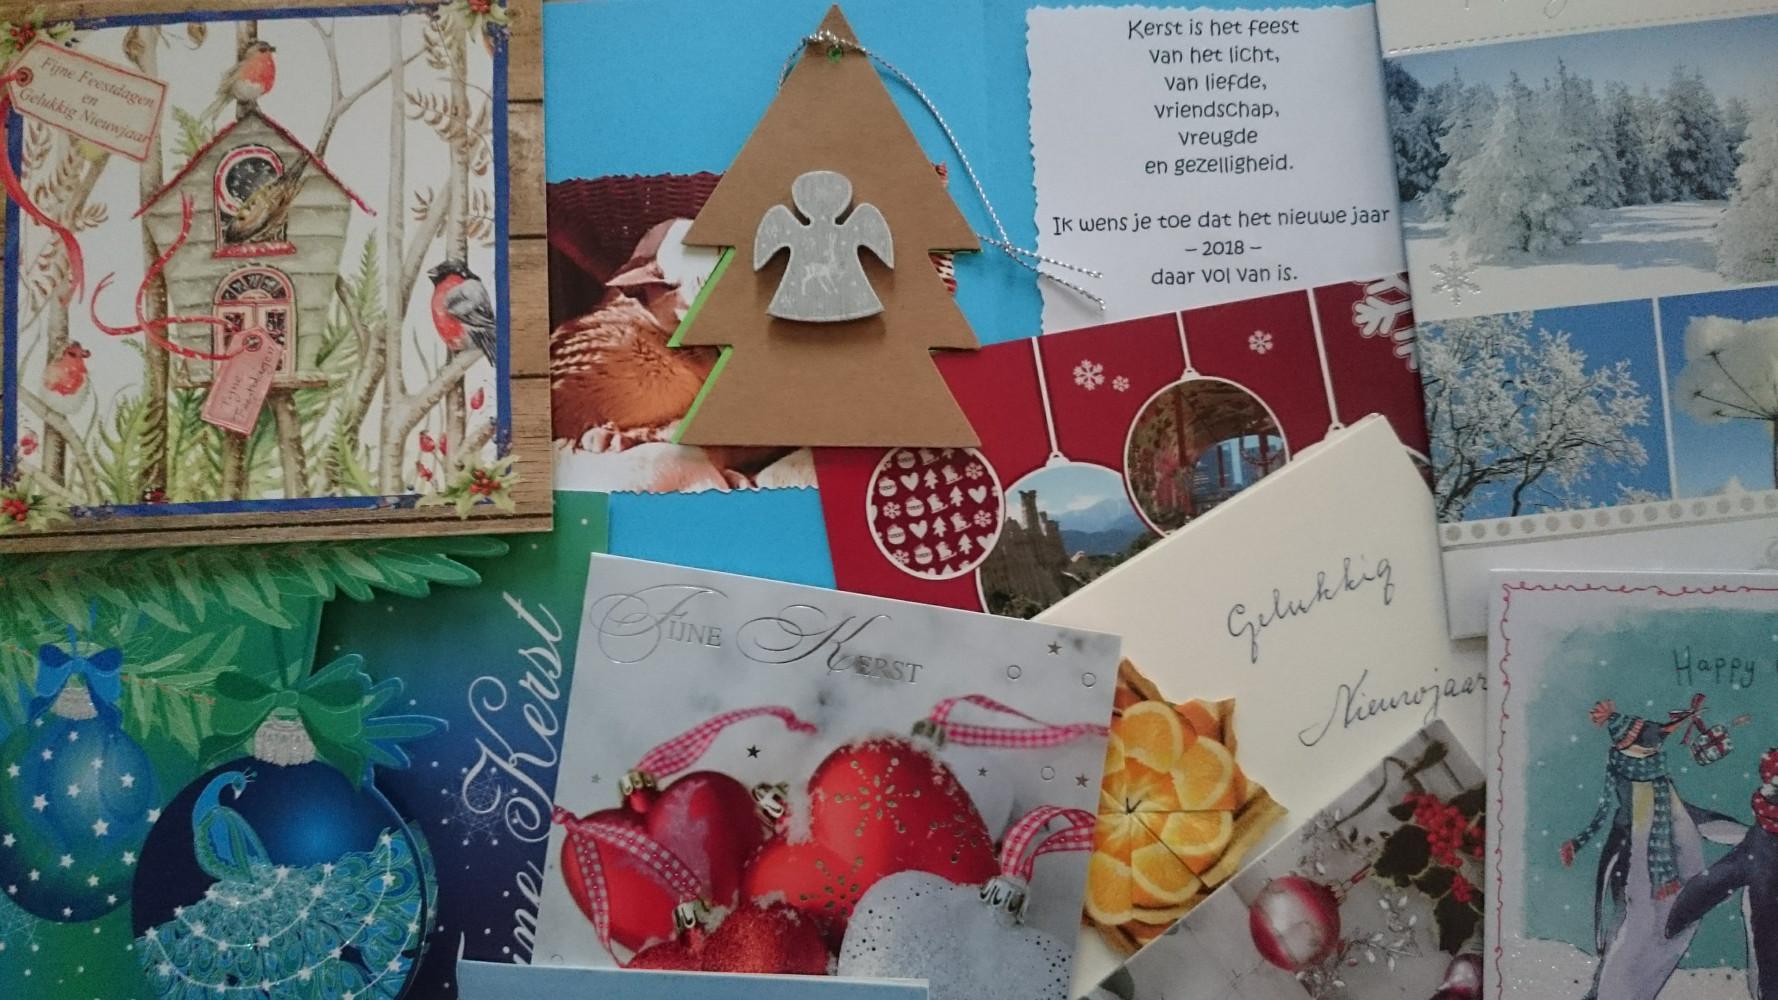 Hoe schrijf je een kerstbrief? Vijf tips